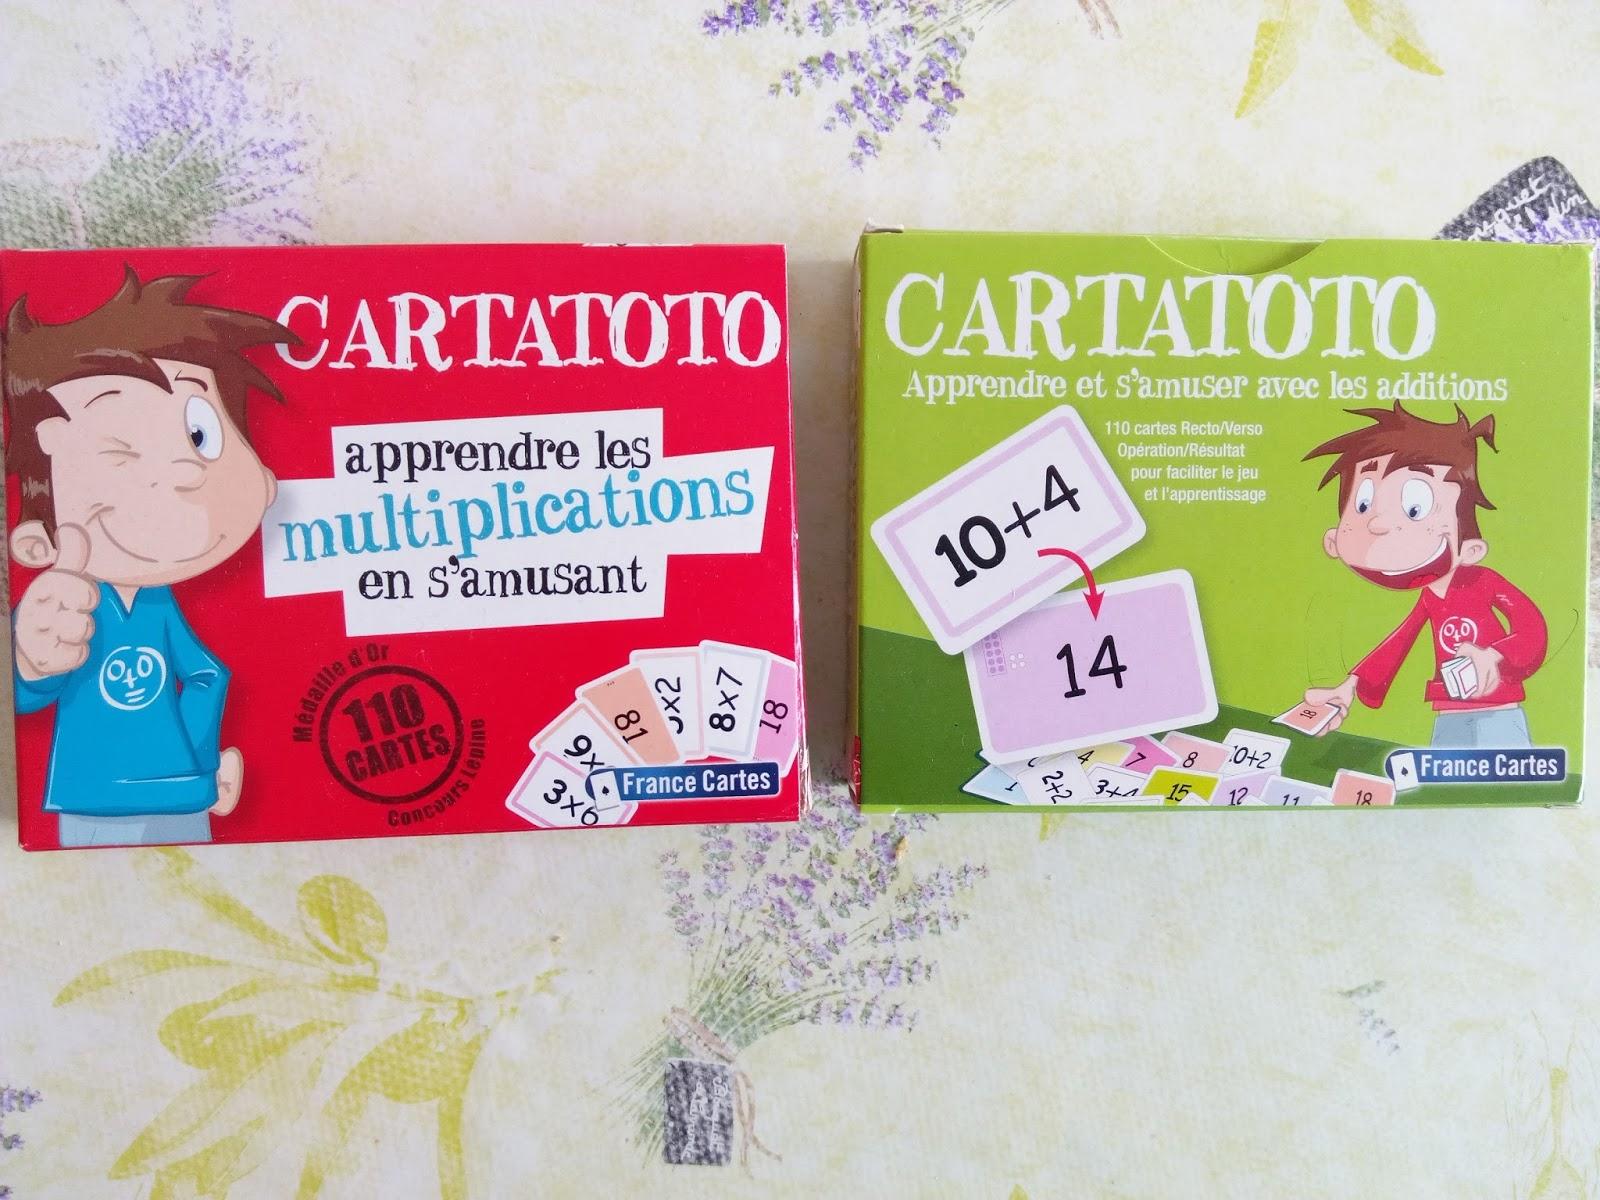 Ma tribu de jumeaux on r vise malin avec des cartes - Apprendre les tables de multiplication en s amusant gratuitement ...